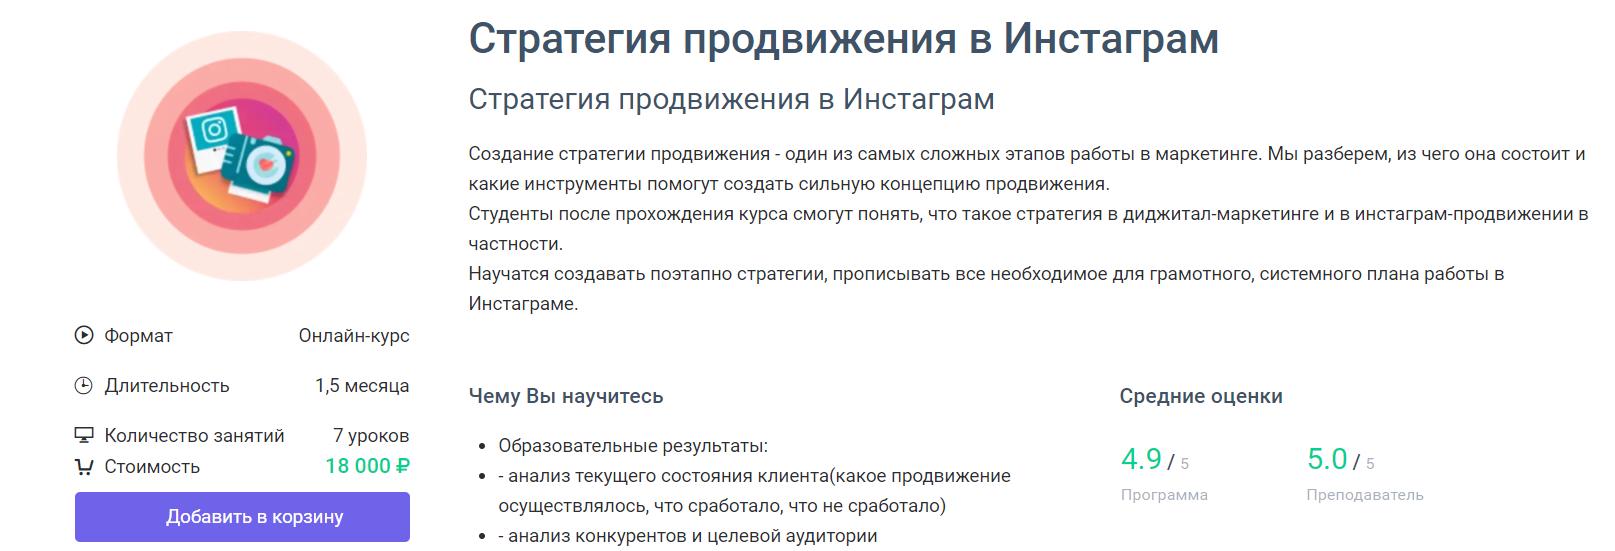 Отзывы о курсе - Стратегия продвижения в Инстаграм от GeekBrains - автор: Дмитрий Чинянин